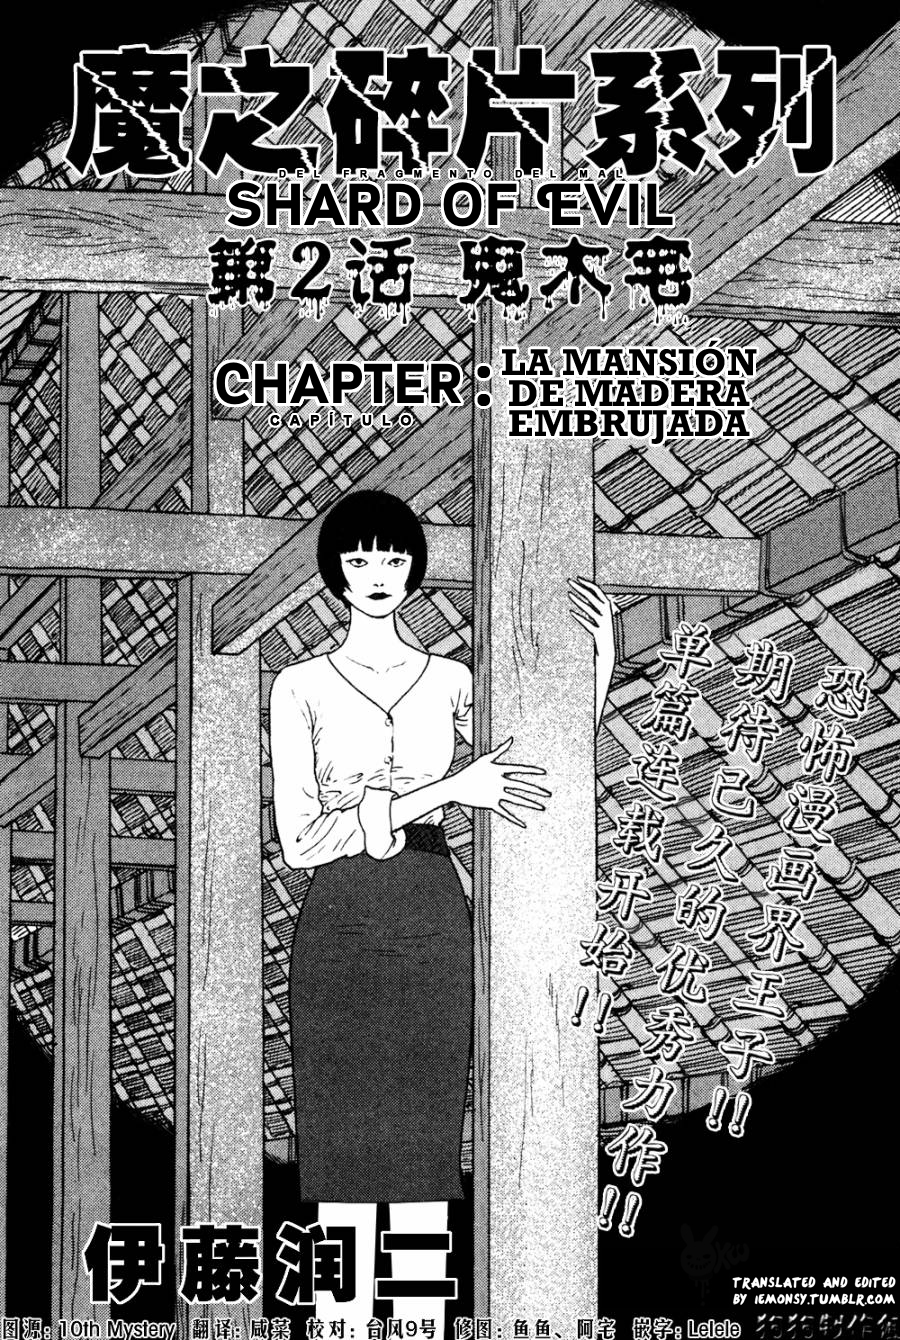 https://c5.ninemanga.com/es_manga/55/14519/387925/dc09e13ae677c54fc522252c8292e817.jpg Page 1